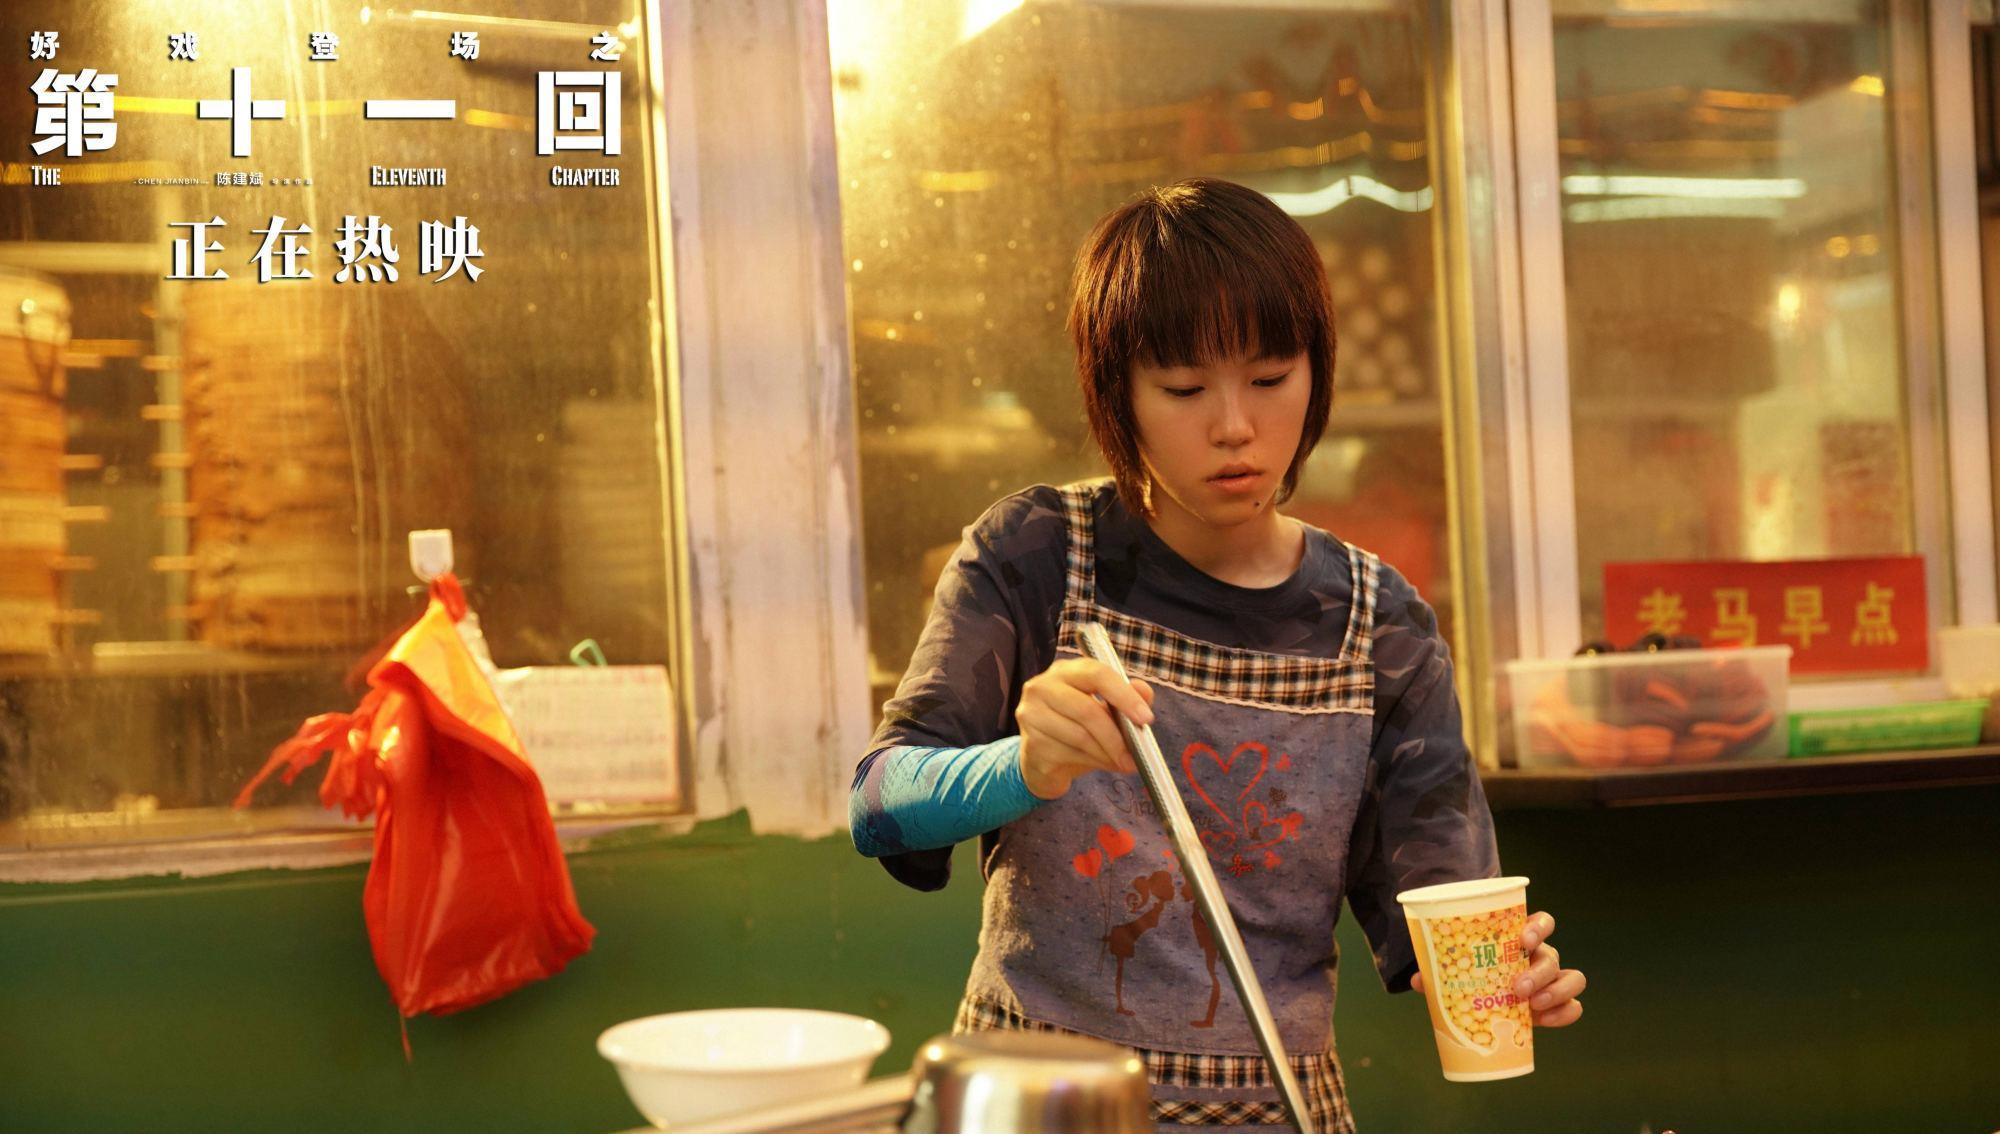 14岁李嫣整容成功?近照清纯动人,王菲真会养女儿